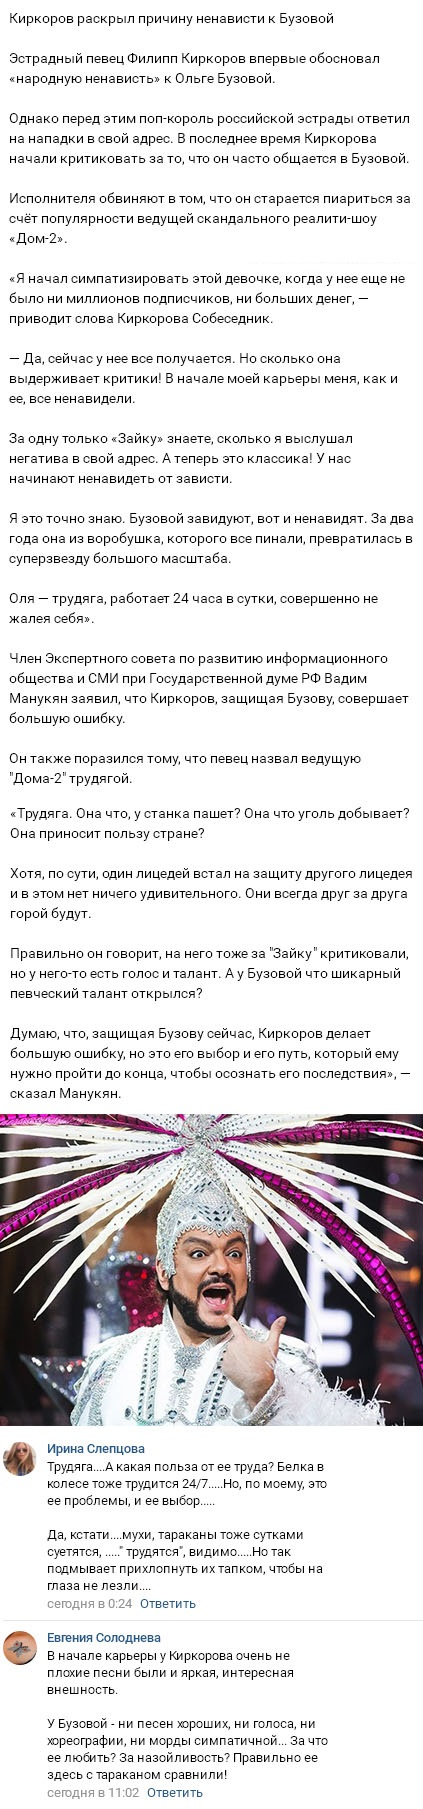 Филипп Киркоров пояснил почему многие так ненавидят Ольгу Бузову